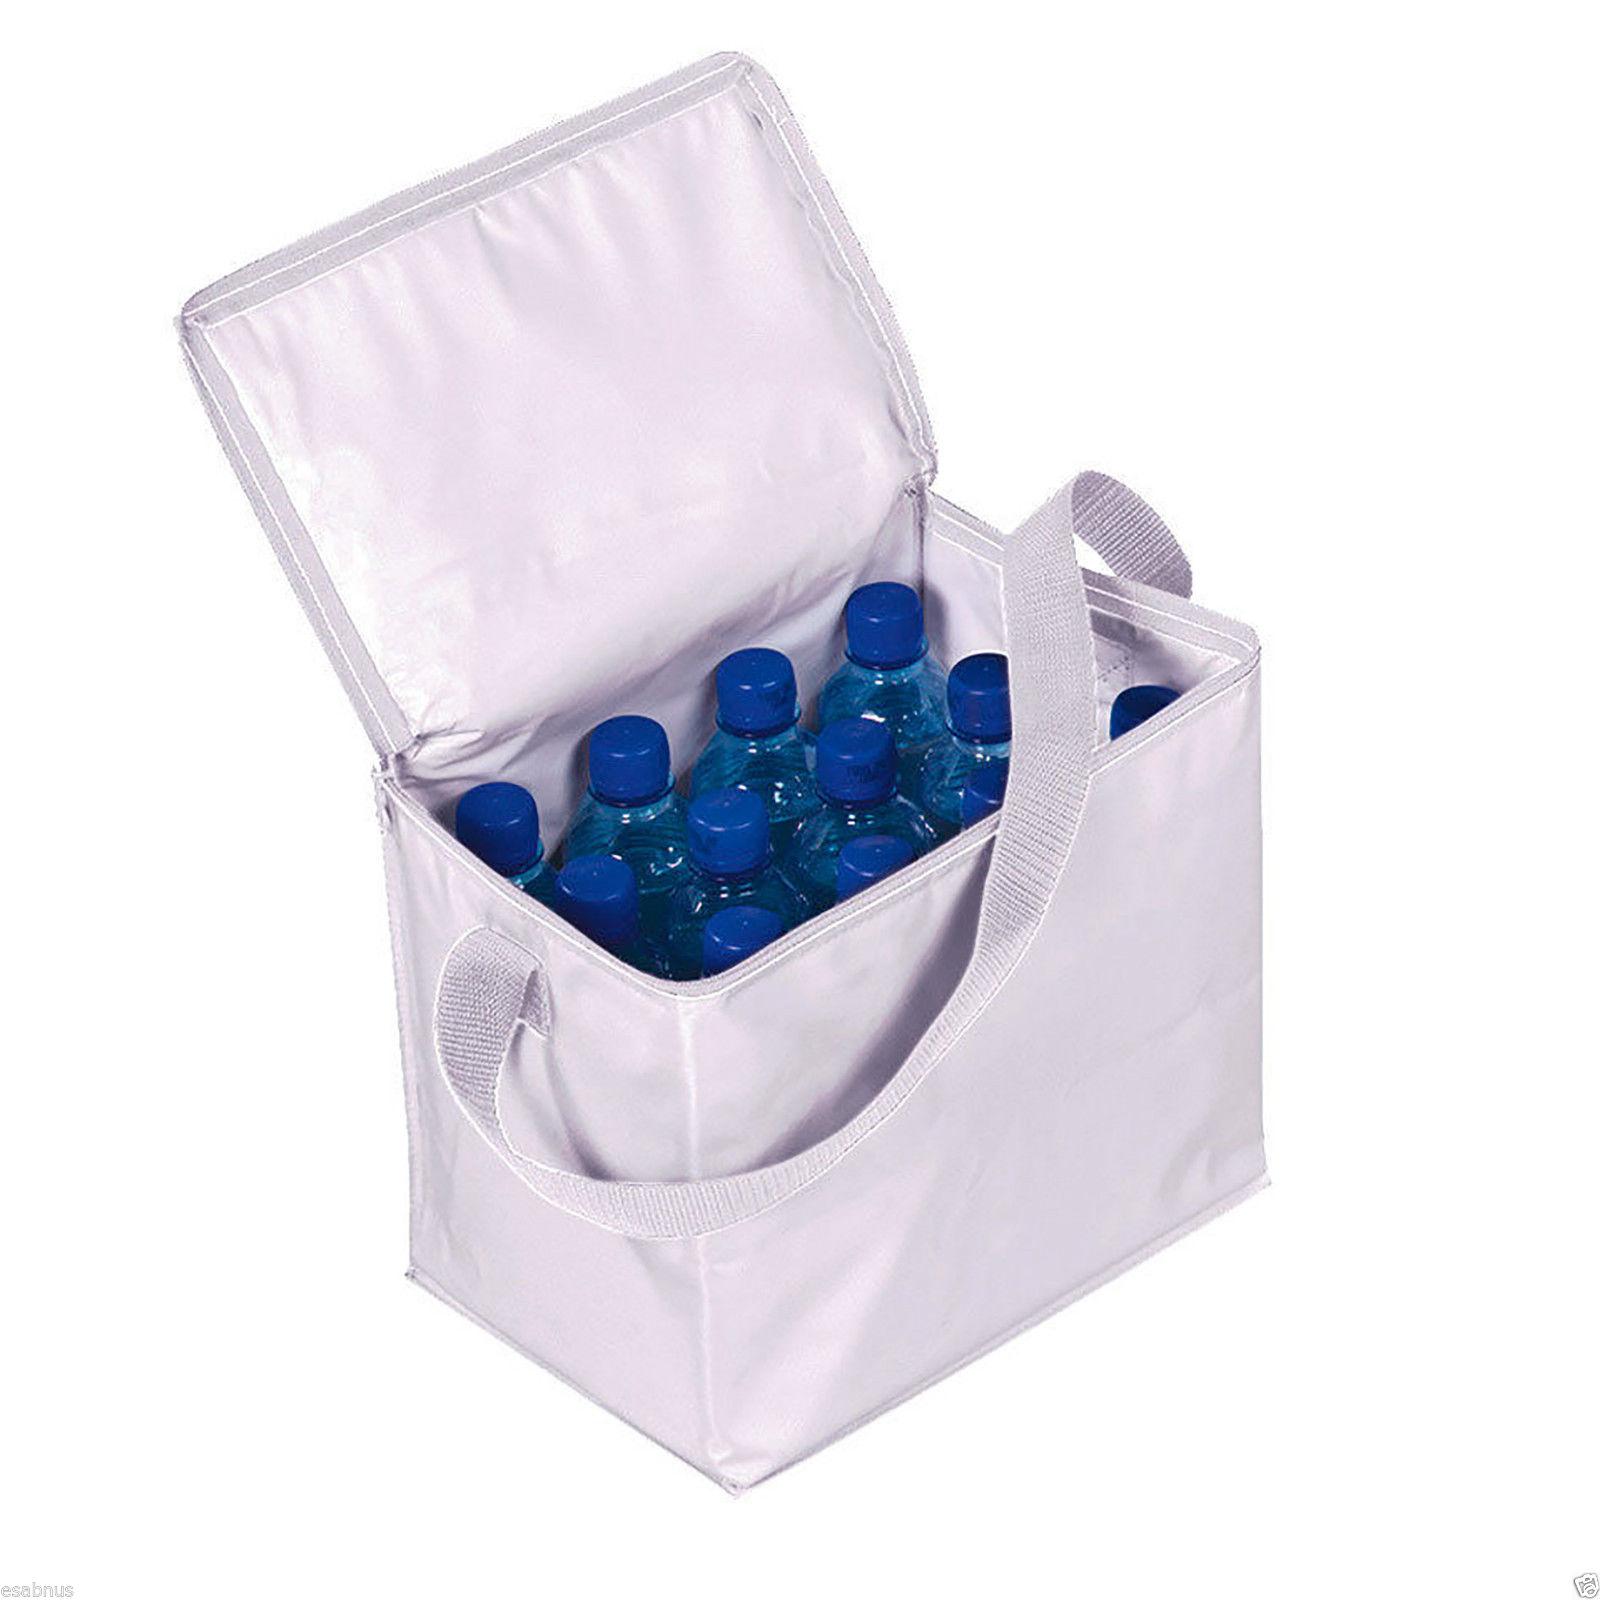 Haut-Bouteille-Sac-refrigerant-avec-Bandouliere-amp-Compartiment-Fermeture-Eclair